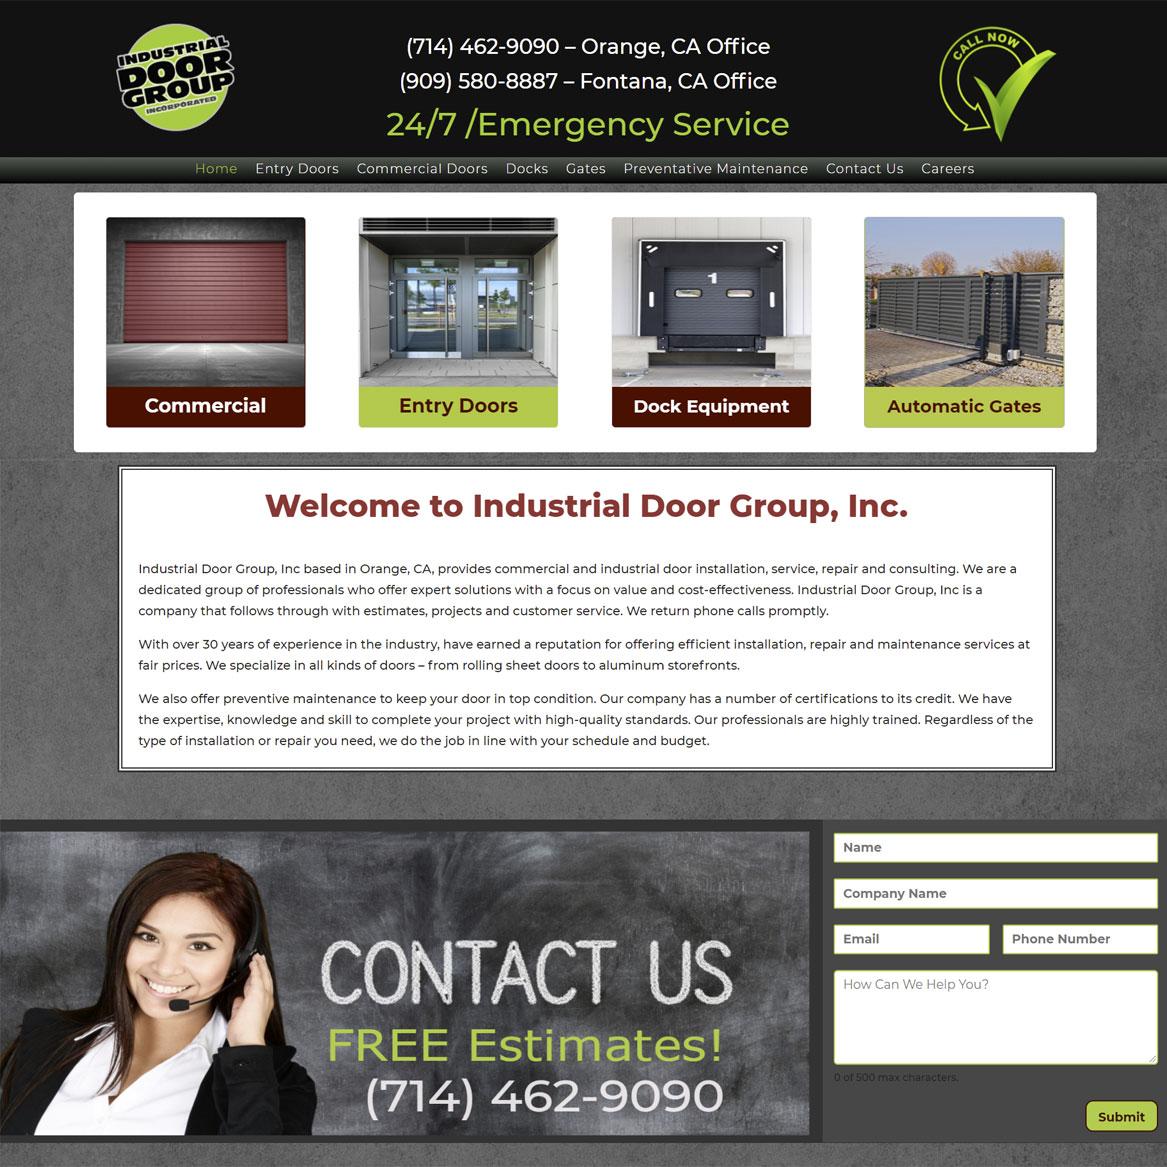 Industrial door Group web page